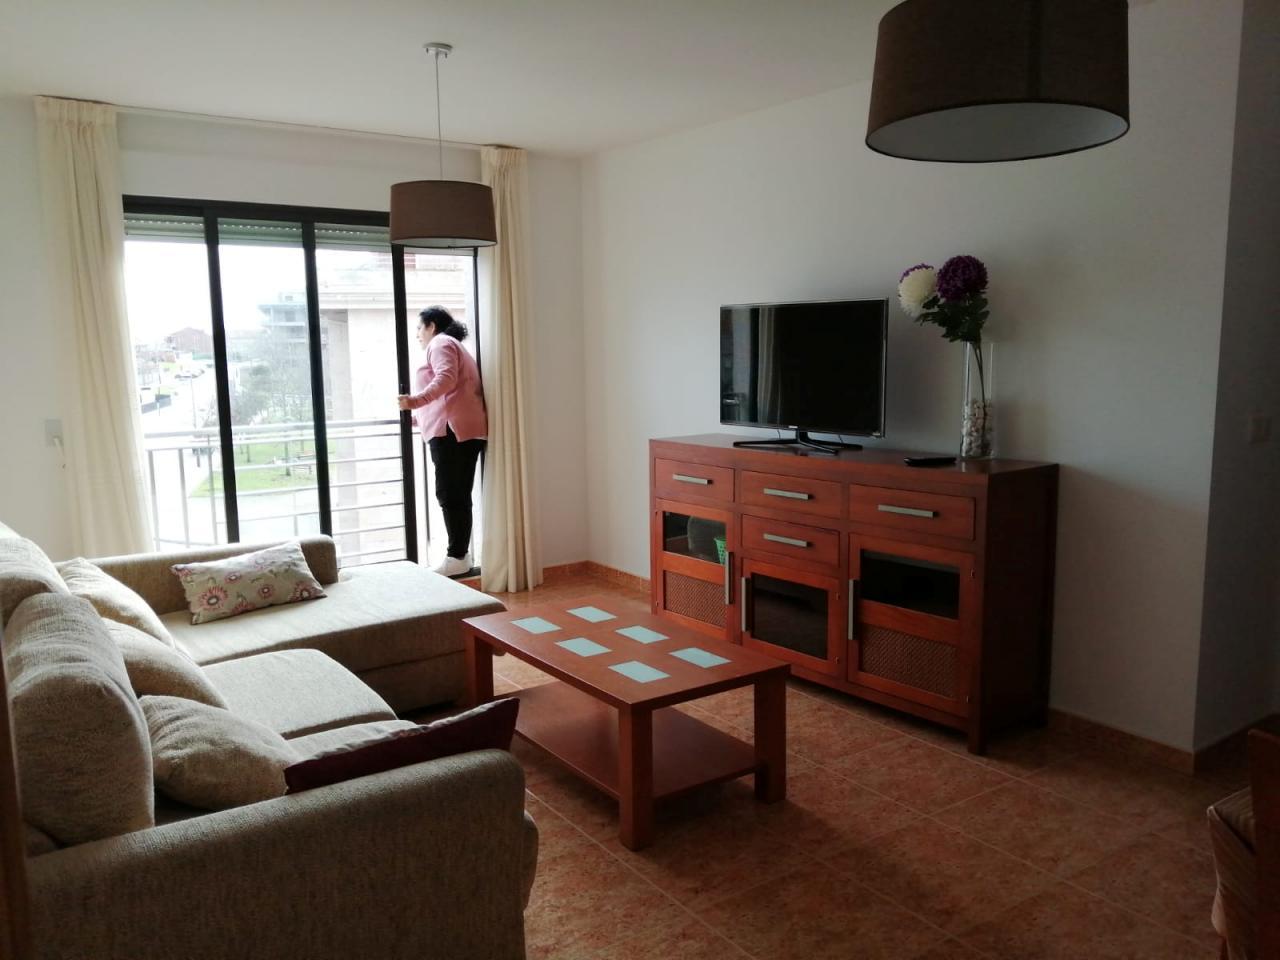 La anfitriona de Airbnb, Perla Requejo, se encuentra en la propiedad que alquila a turistas en Airbnb en Sanxenxo